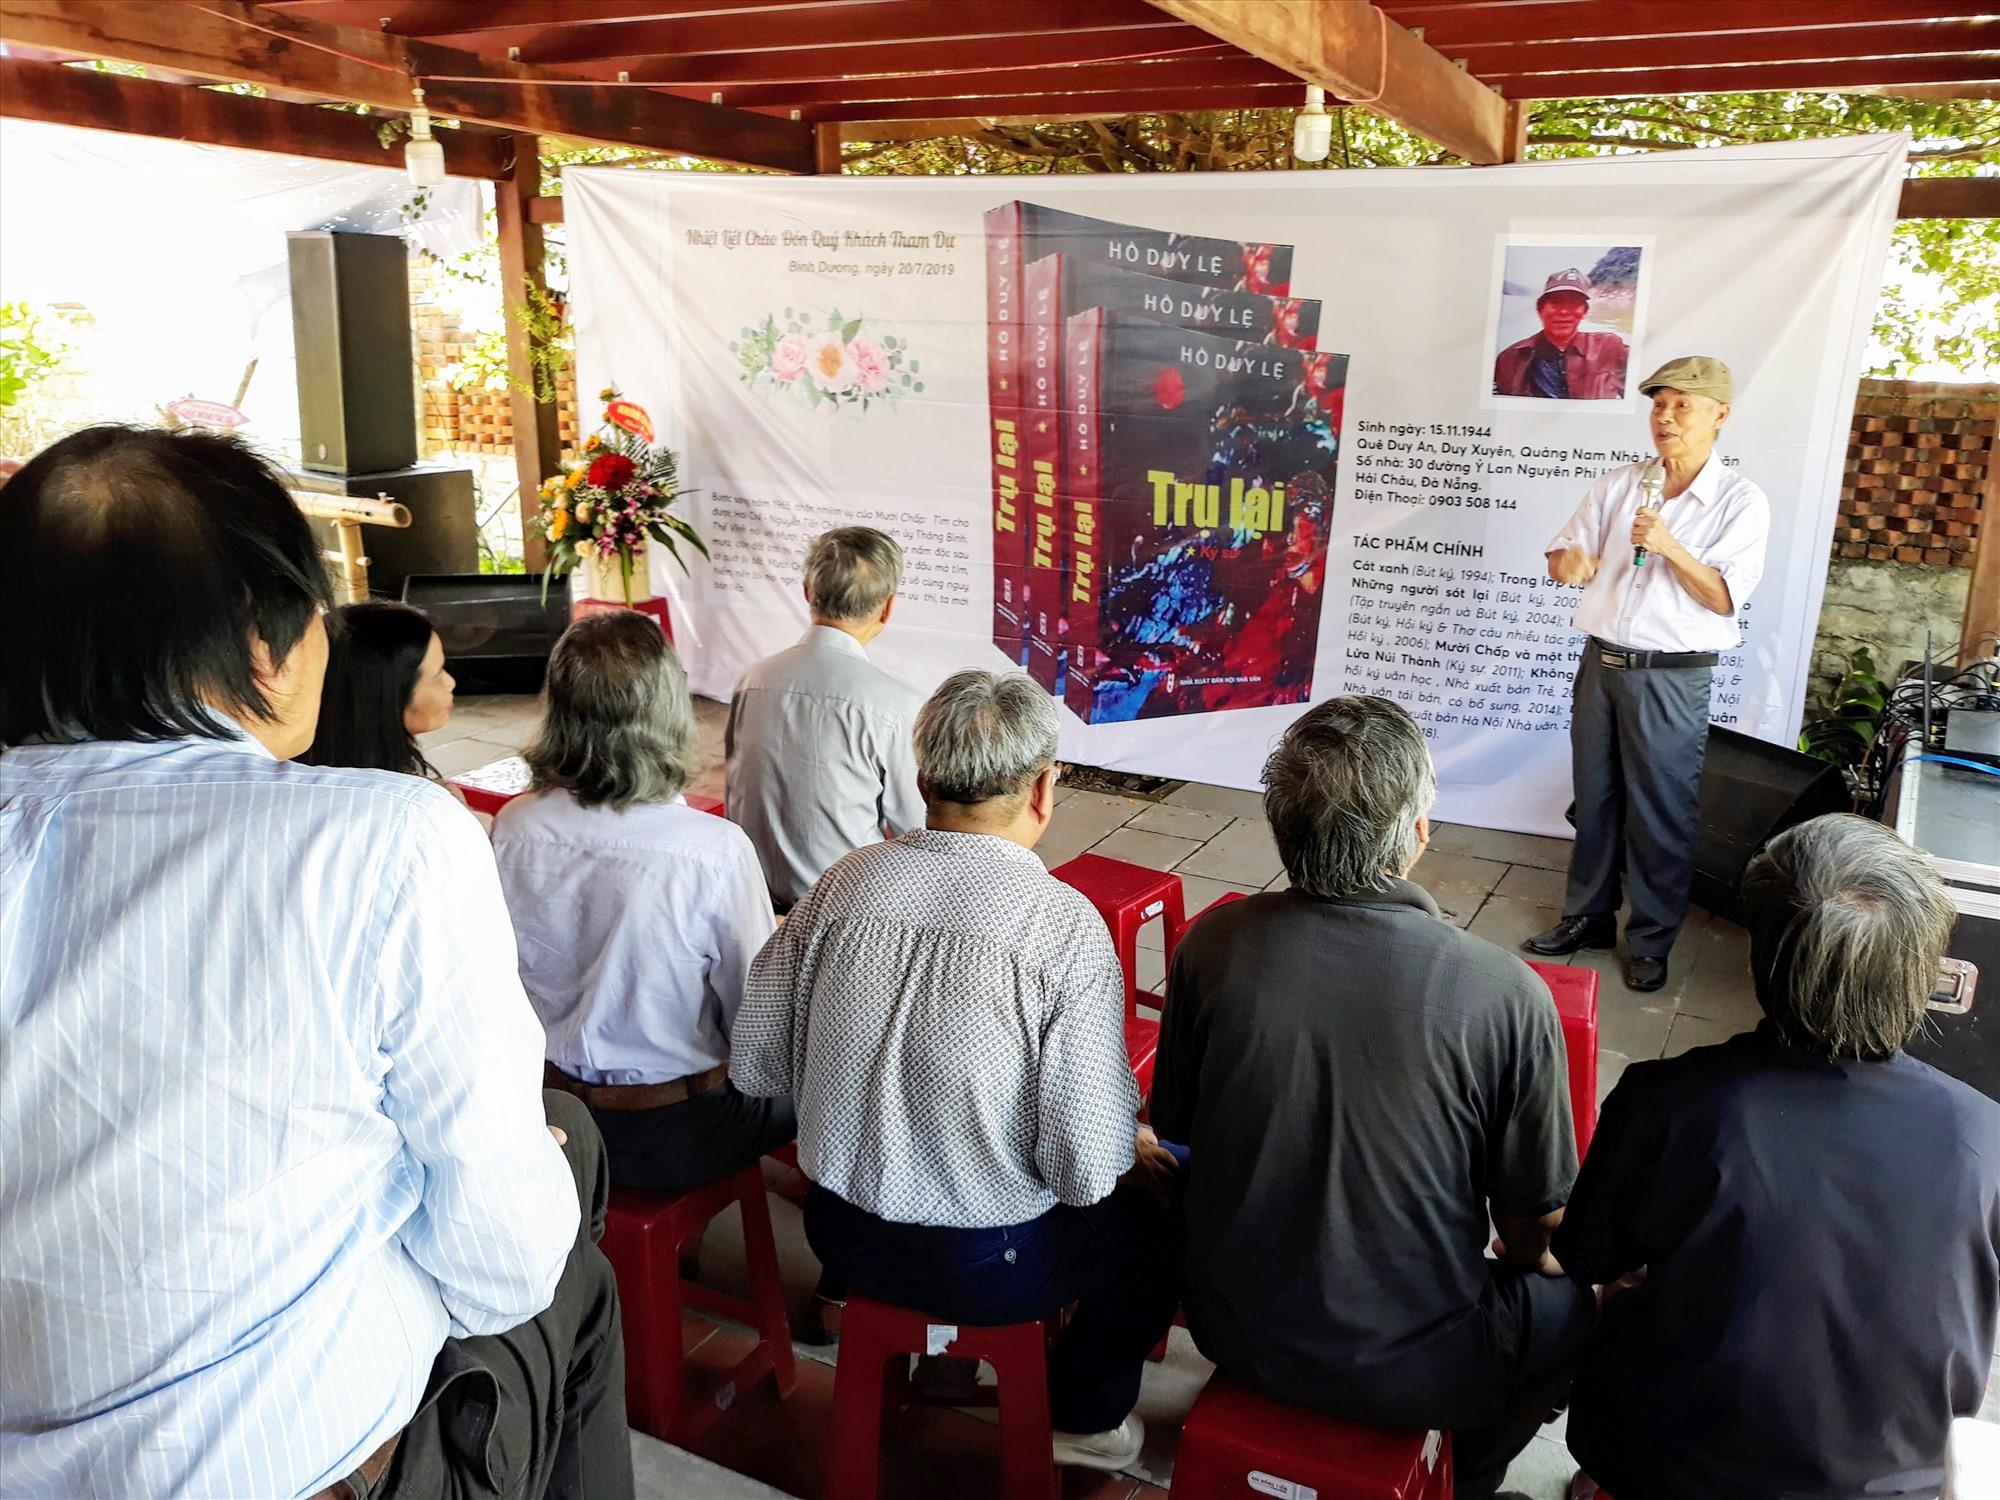 """Ngày càng có thêm nhiều """"từ khóa"""" văn nghệ được xác lập bởi các văn nghệ sĩ xứ Quảng. Trong ảnh: Một buổi ra mắt, giới thiệu sách của nhà văn Hồ Duy Lệ. Ảnh: B.A"""